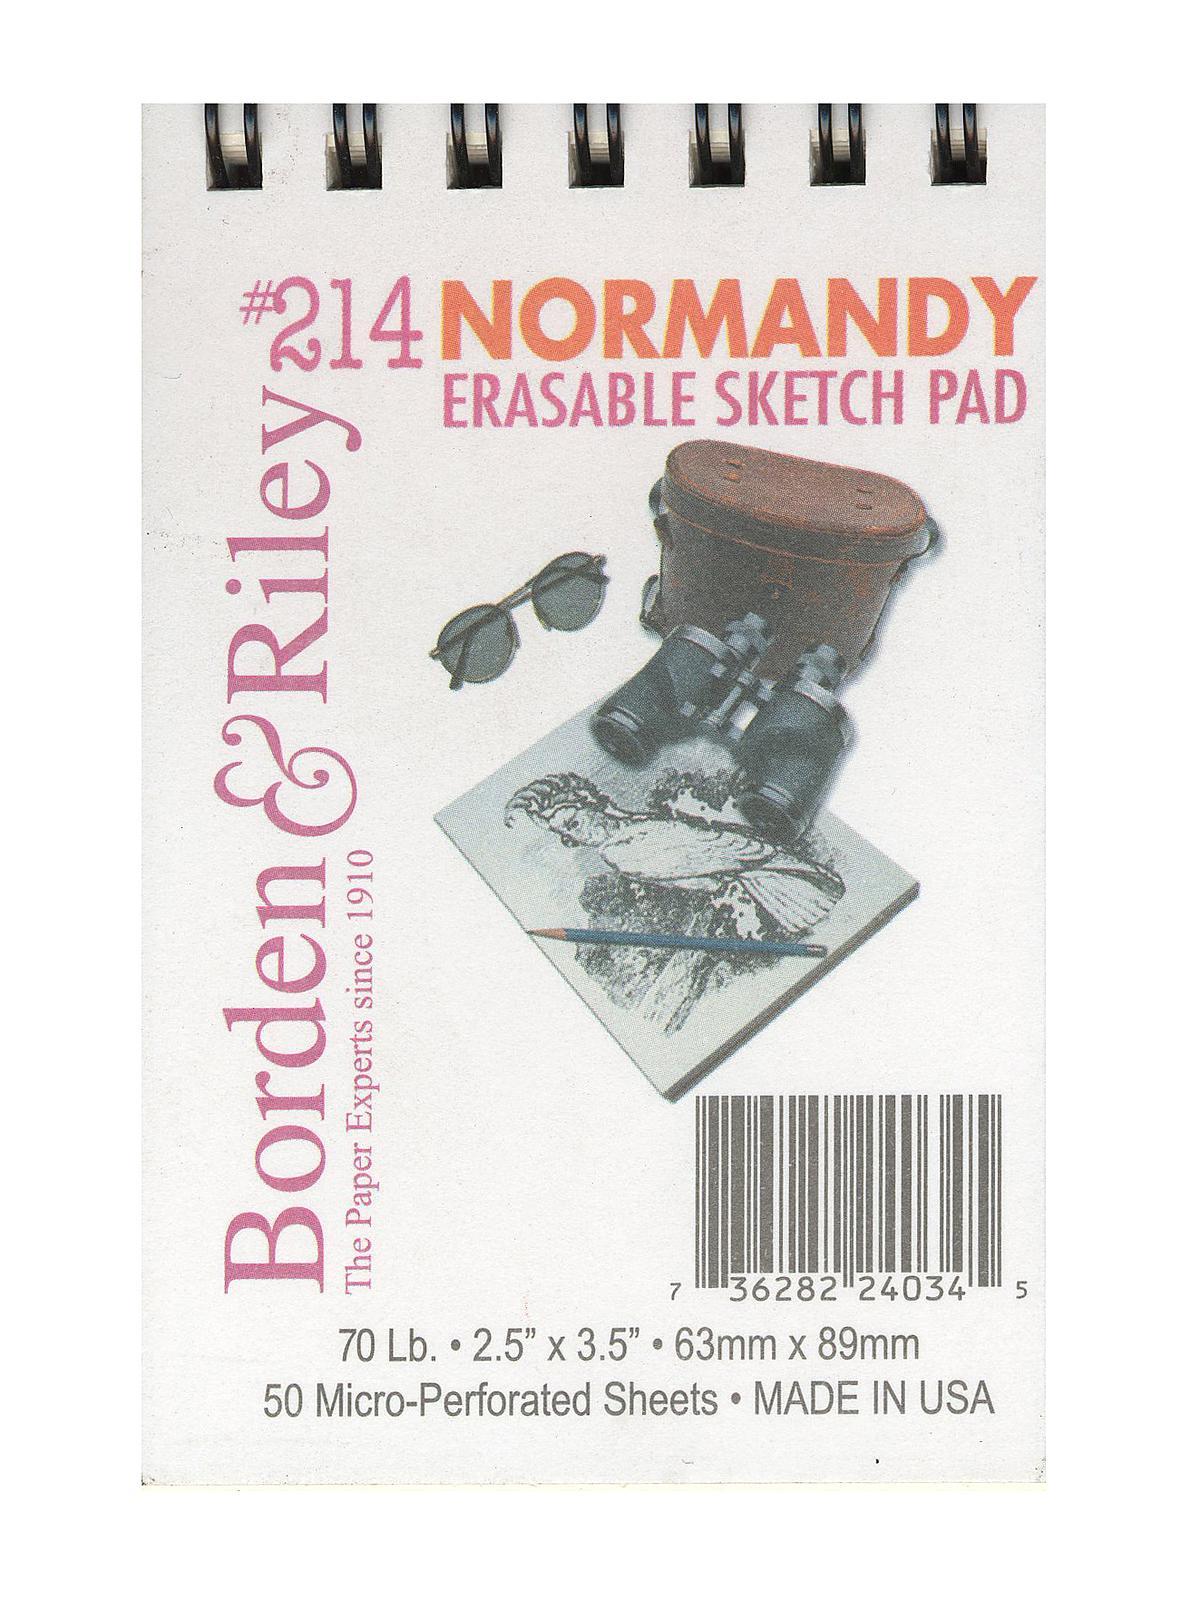 #214 Normandy Erasable Sketch Pad